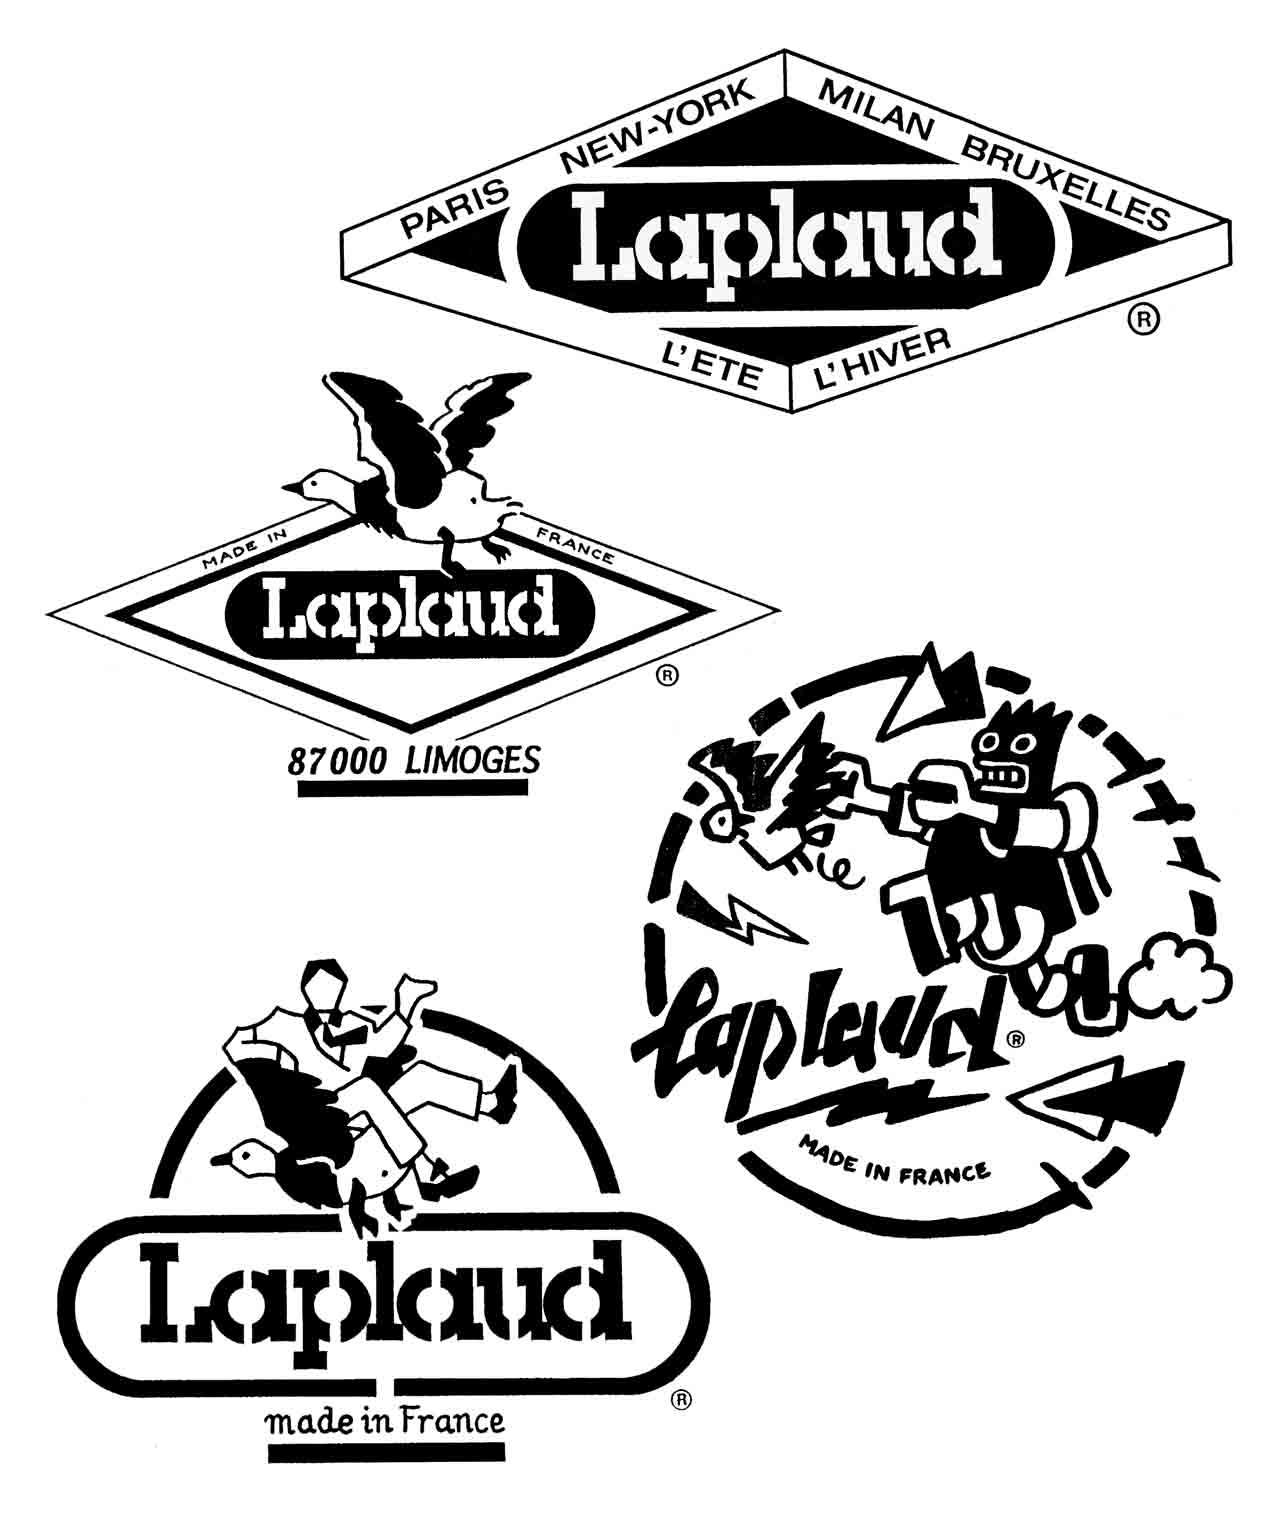 Etiquettes pour les textiles Laplaud à Limoges 1986 Marc-André BD Illustration Graphisme Limoges